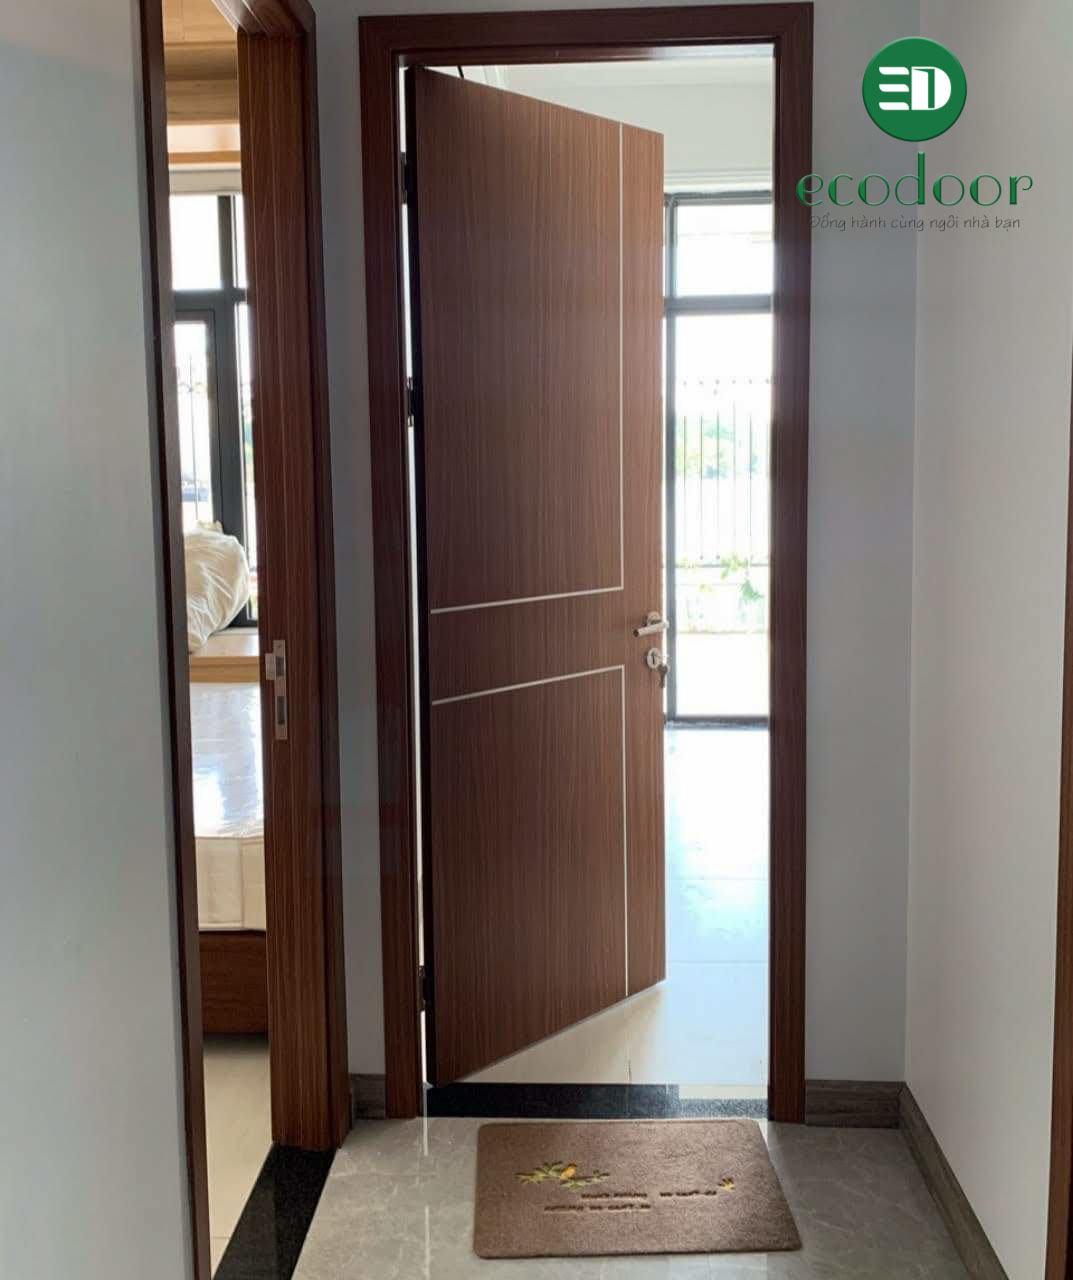 cửa nhựa nhà vệ sinh hà nội được Ecodoor thi công lắp đặt 2020